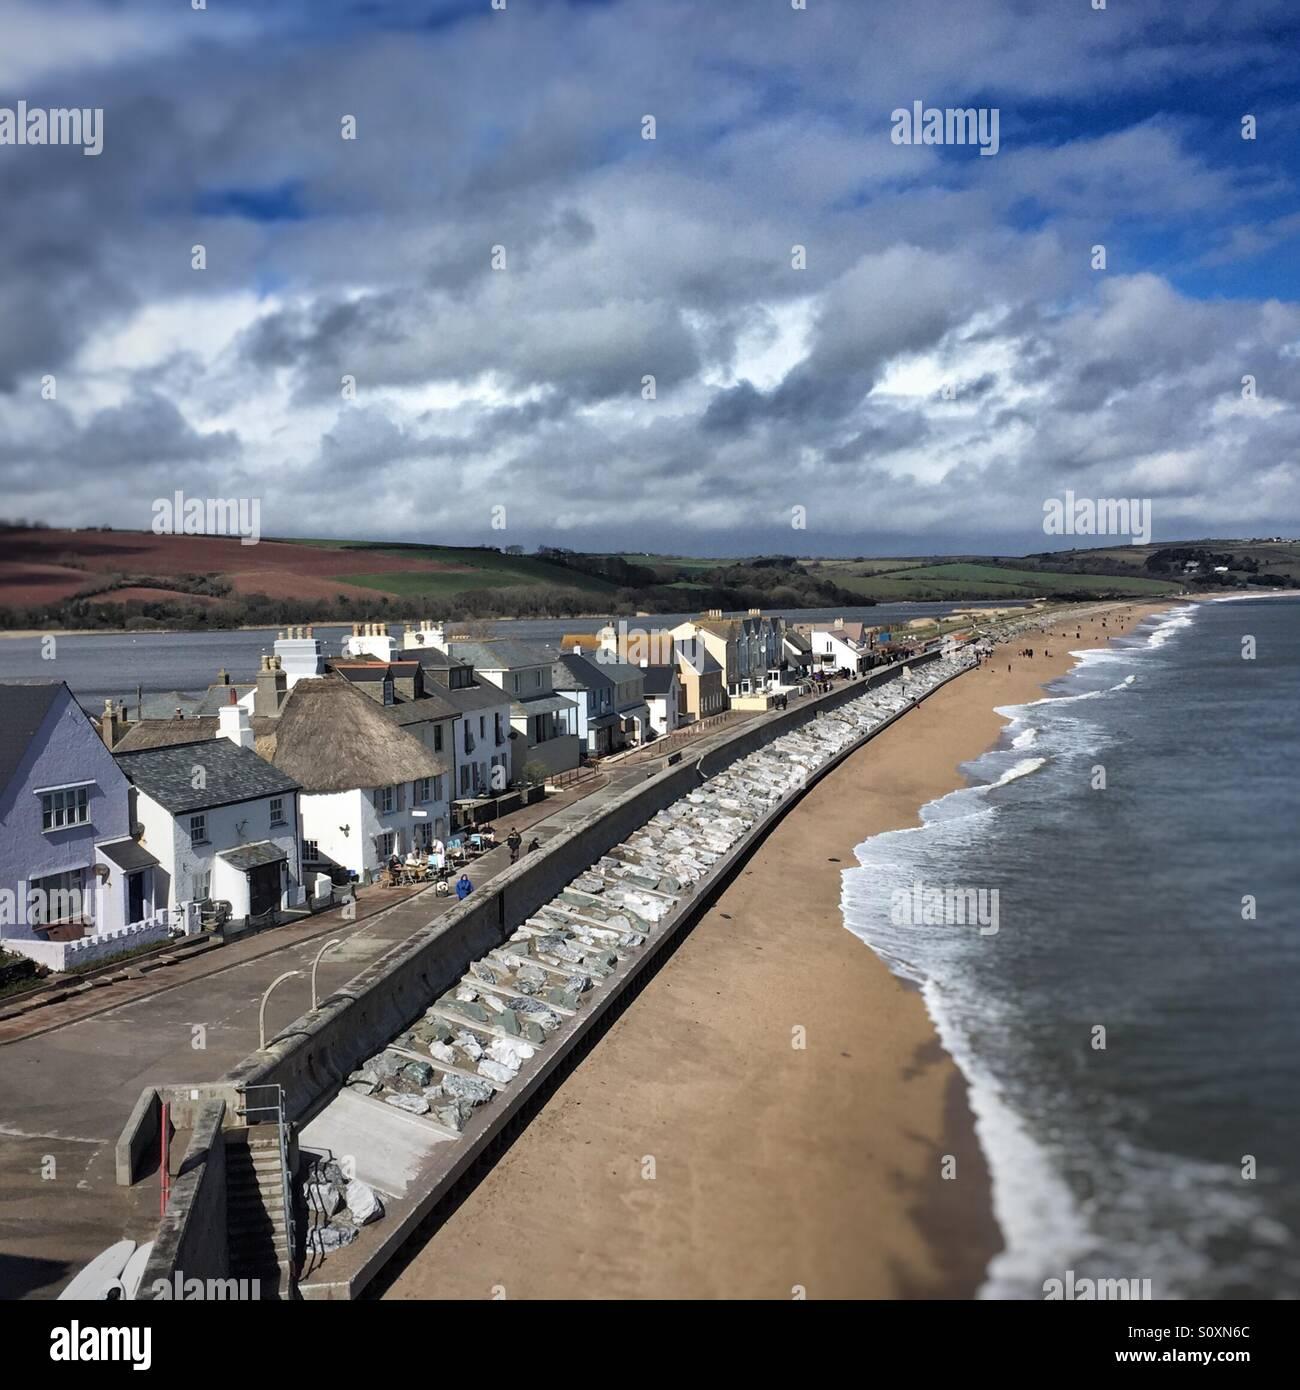 Torcross in South Devon, Dorf im Start-Bucht, die sehr anfällig für Überschwemmungen und Sturm Schäden Stockbild